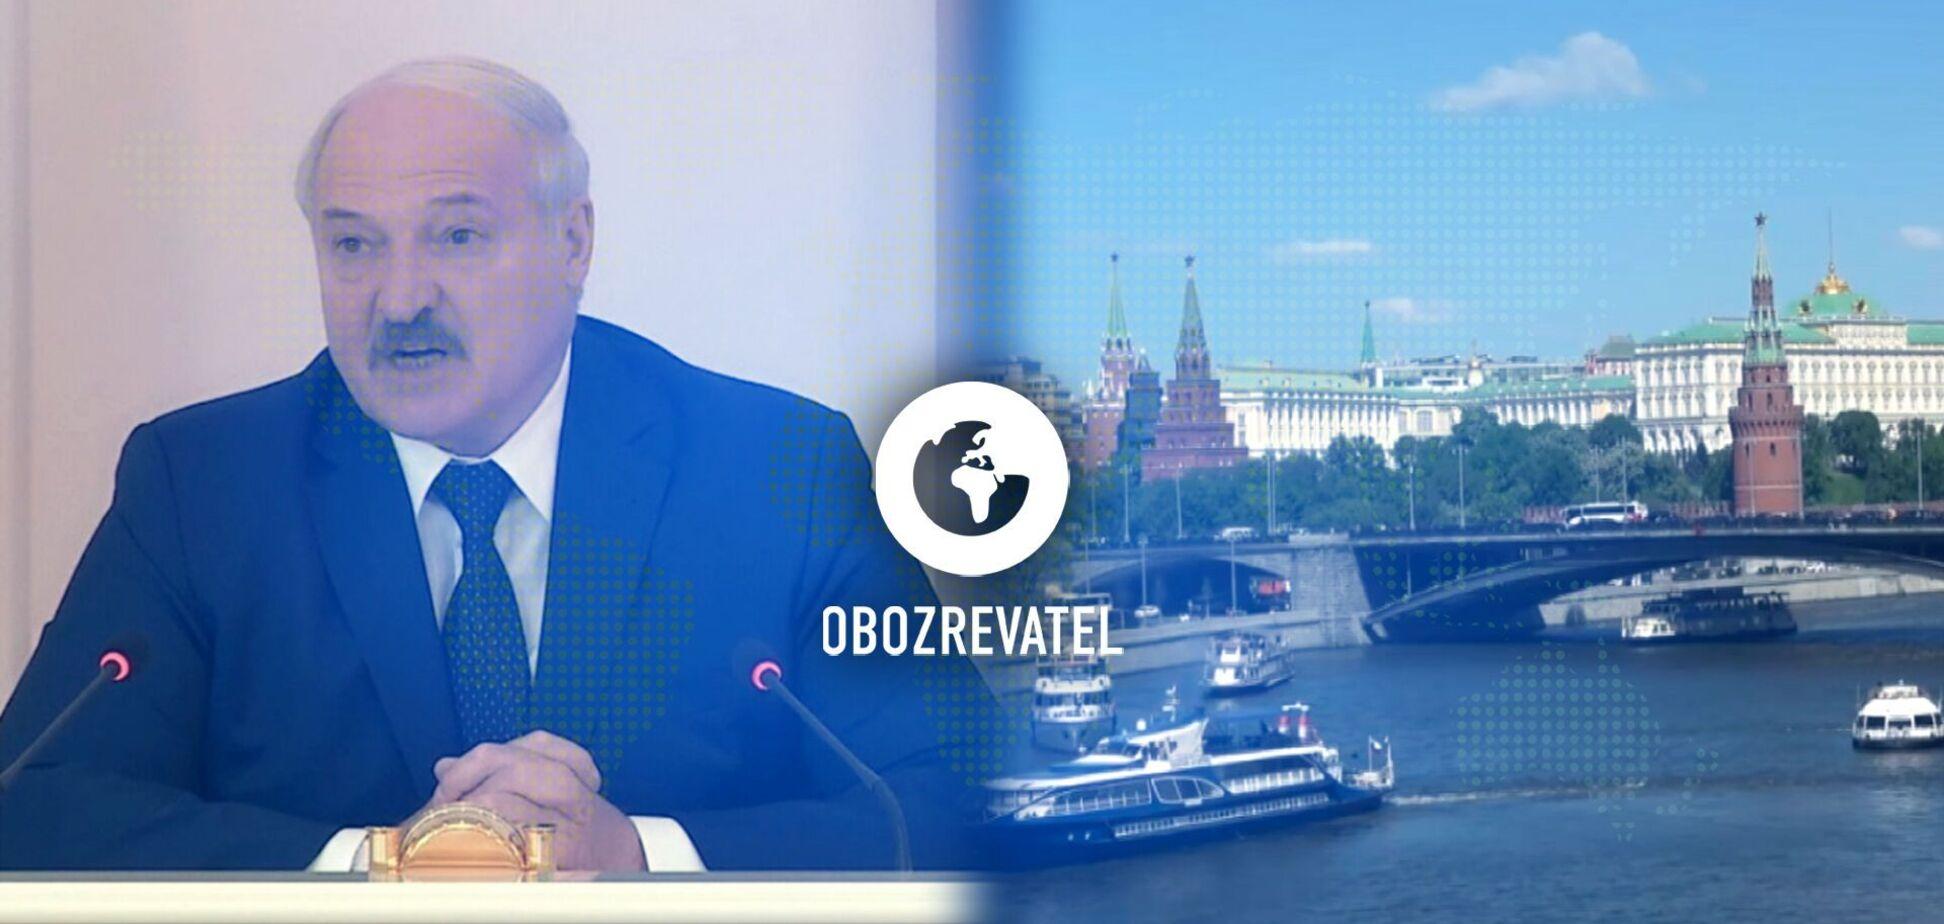 Білорусь виходить зі 'Східного партнерства', а Держдеп США не рекомендує своїм громадянам їхати в Росію через тероризм – дайджест міжнародних подій